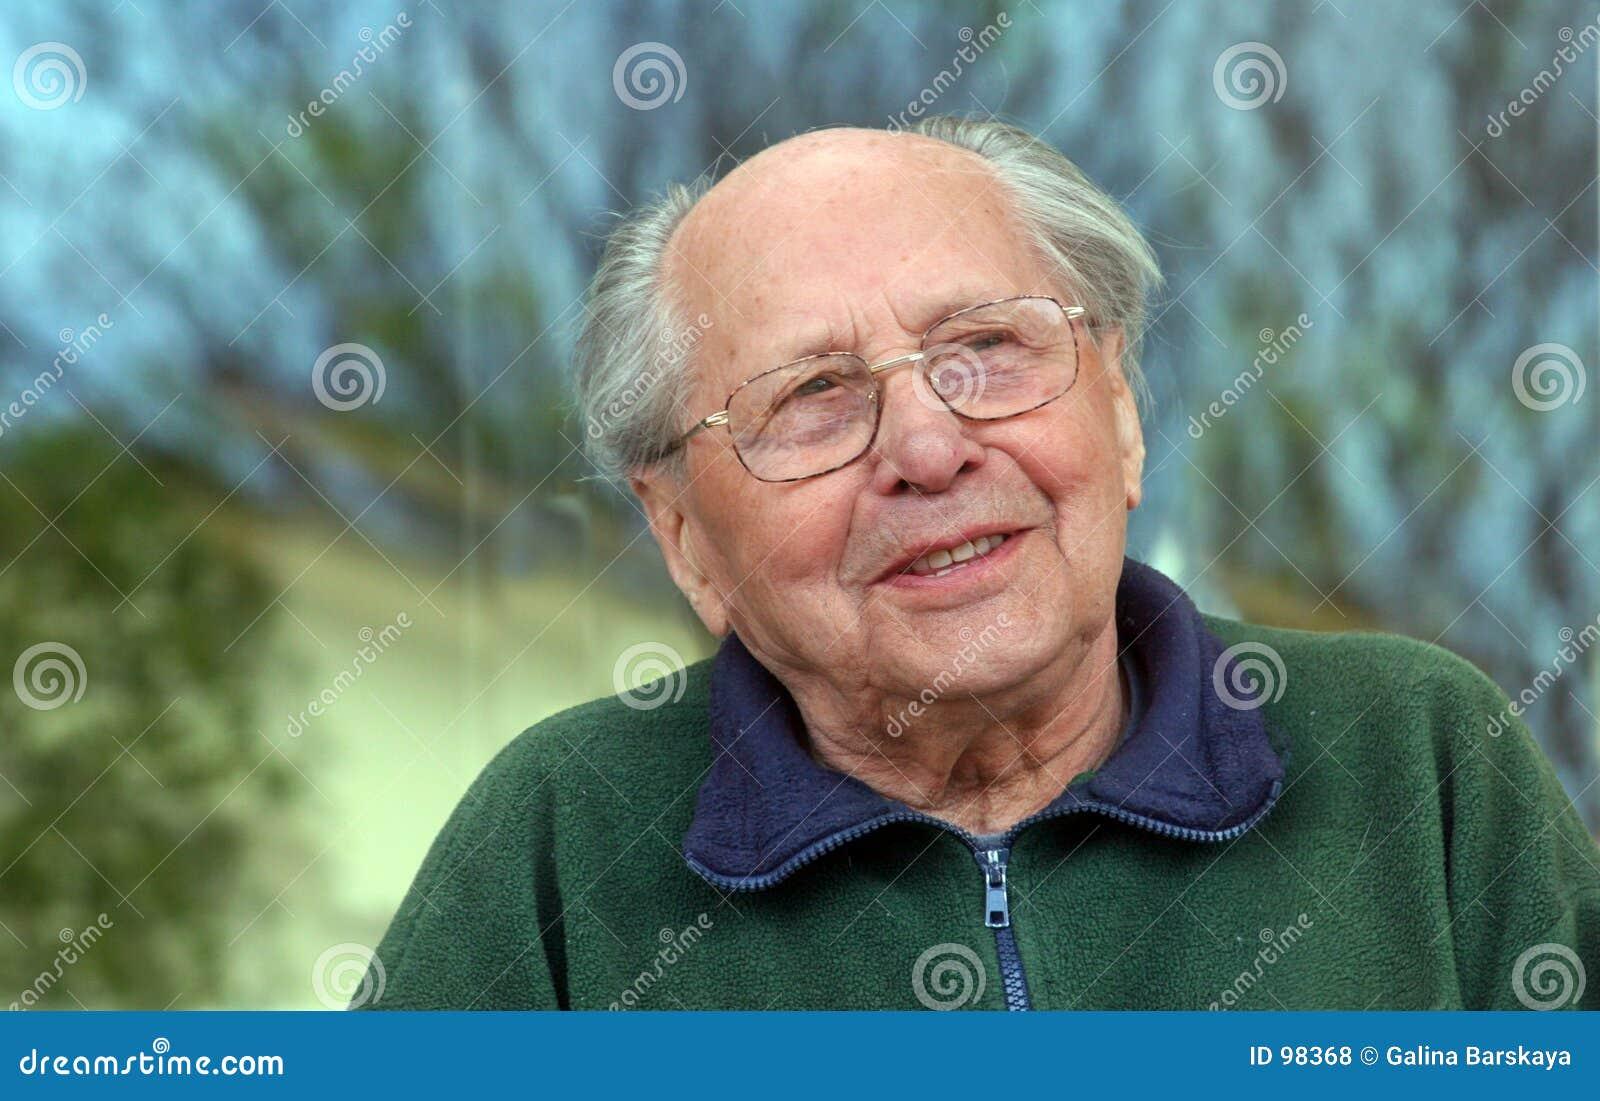 El hablar del viejo hombre